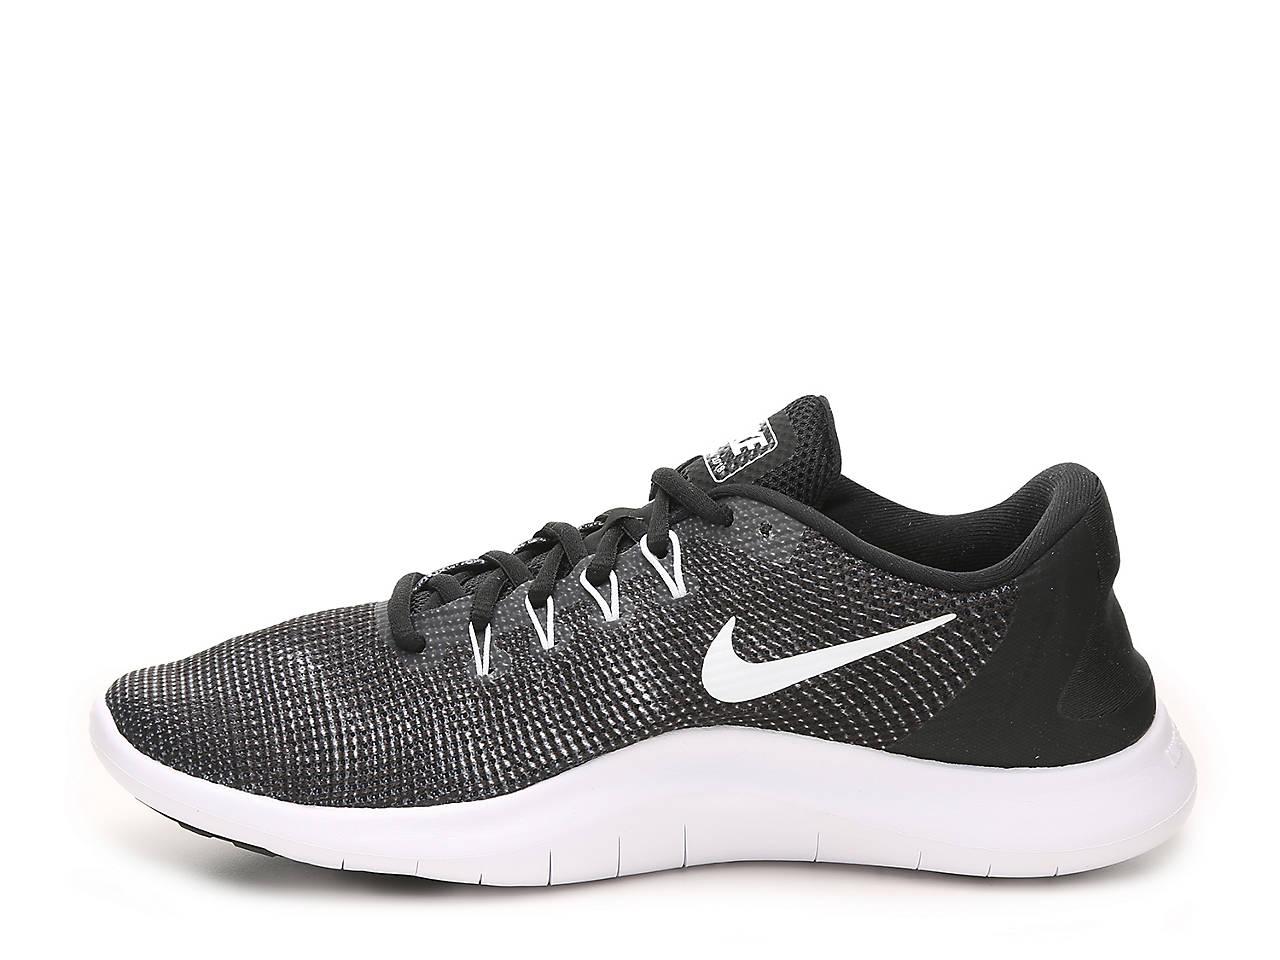 ace8a9b36250 Nike Flex 18 RN Lightweight Running Shoe - Women s Women s Shoes